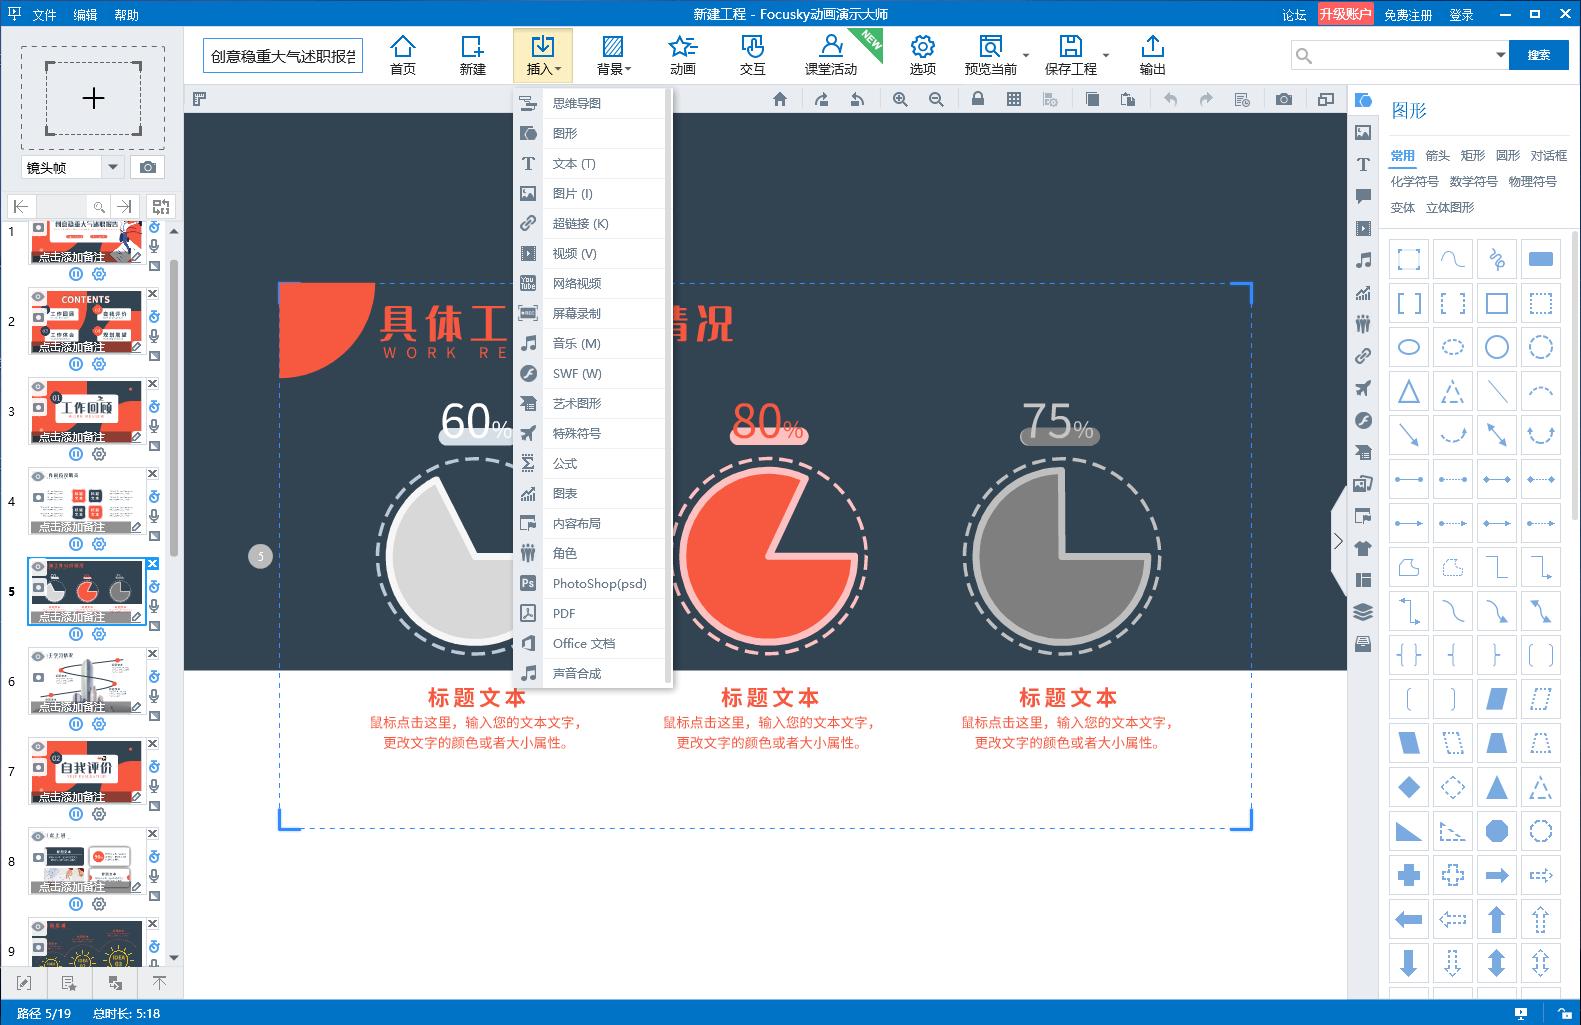 幻灯片制作软件哪个好?2个宝藏PPT制作工具,总有一个会是你想要的!